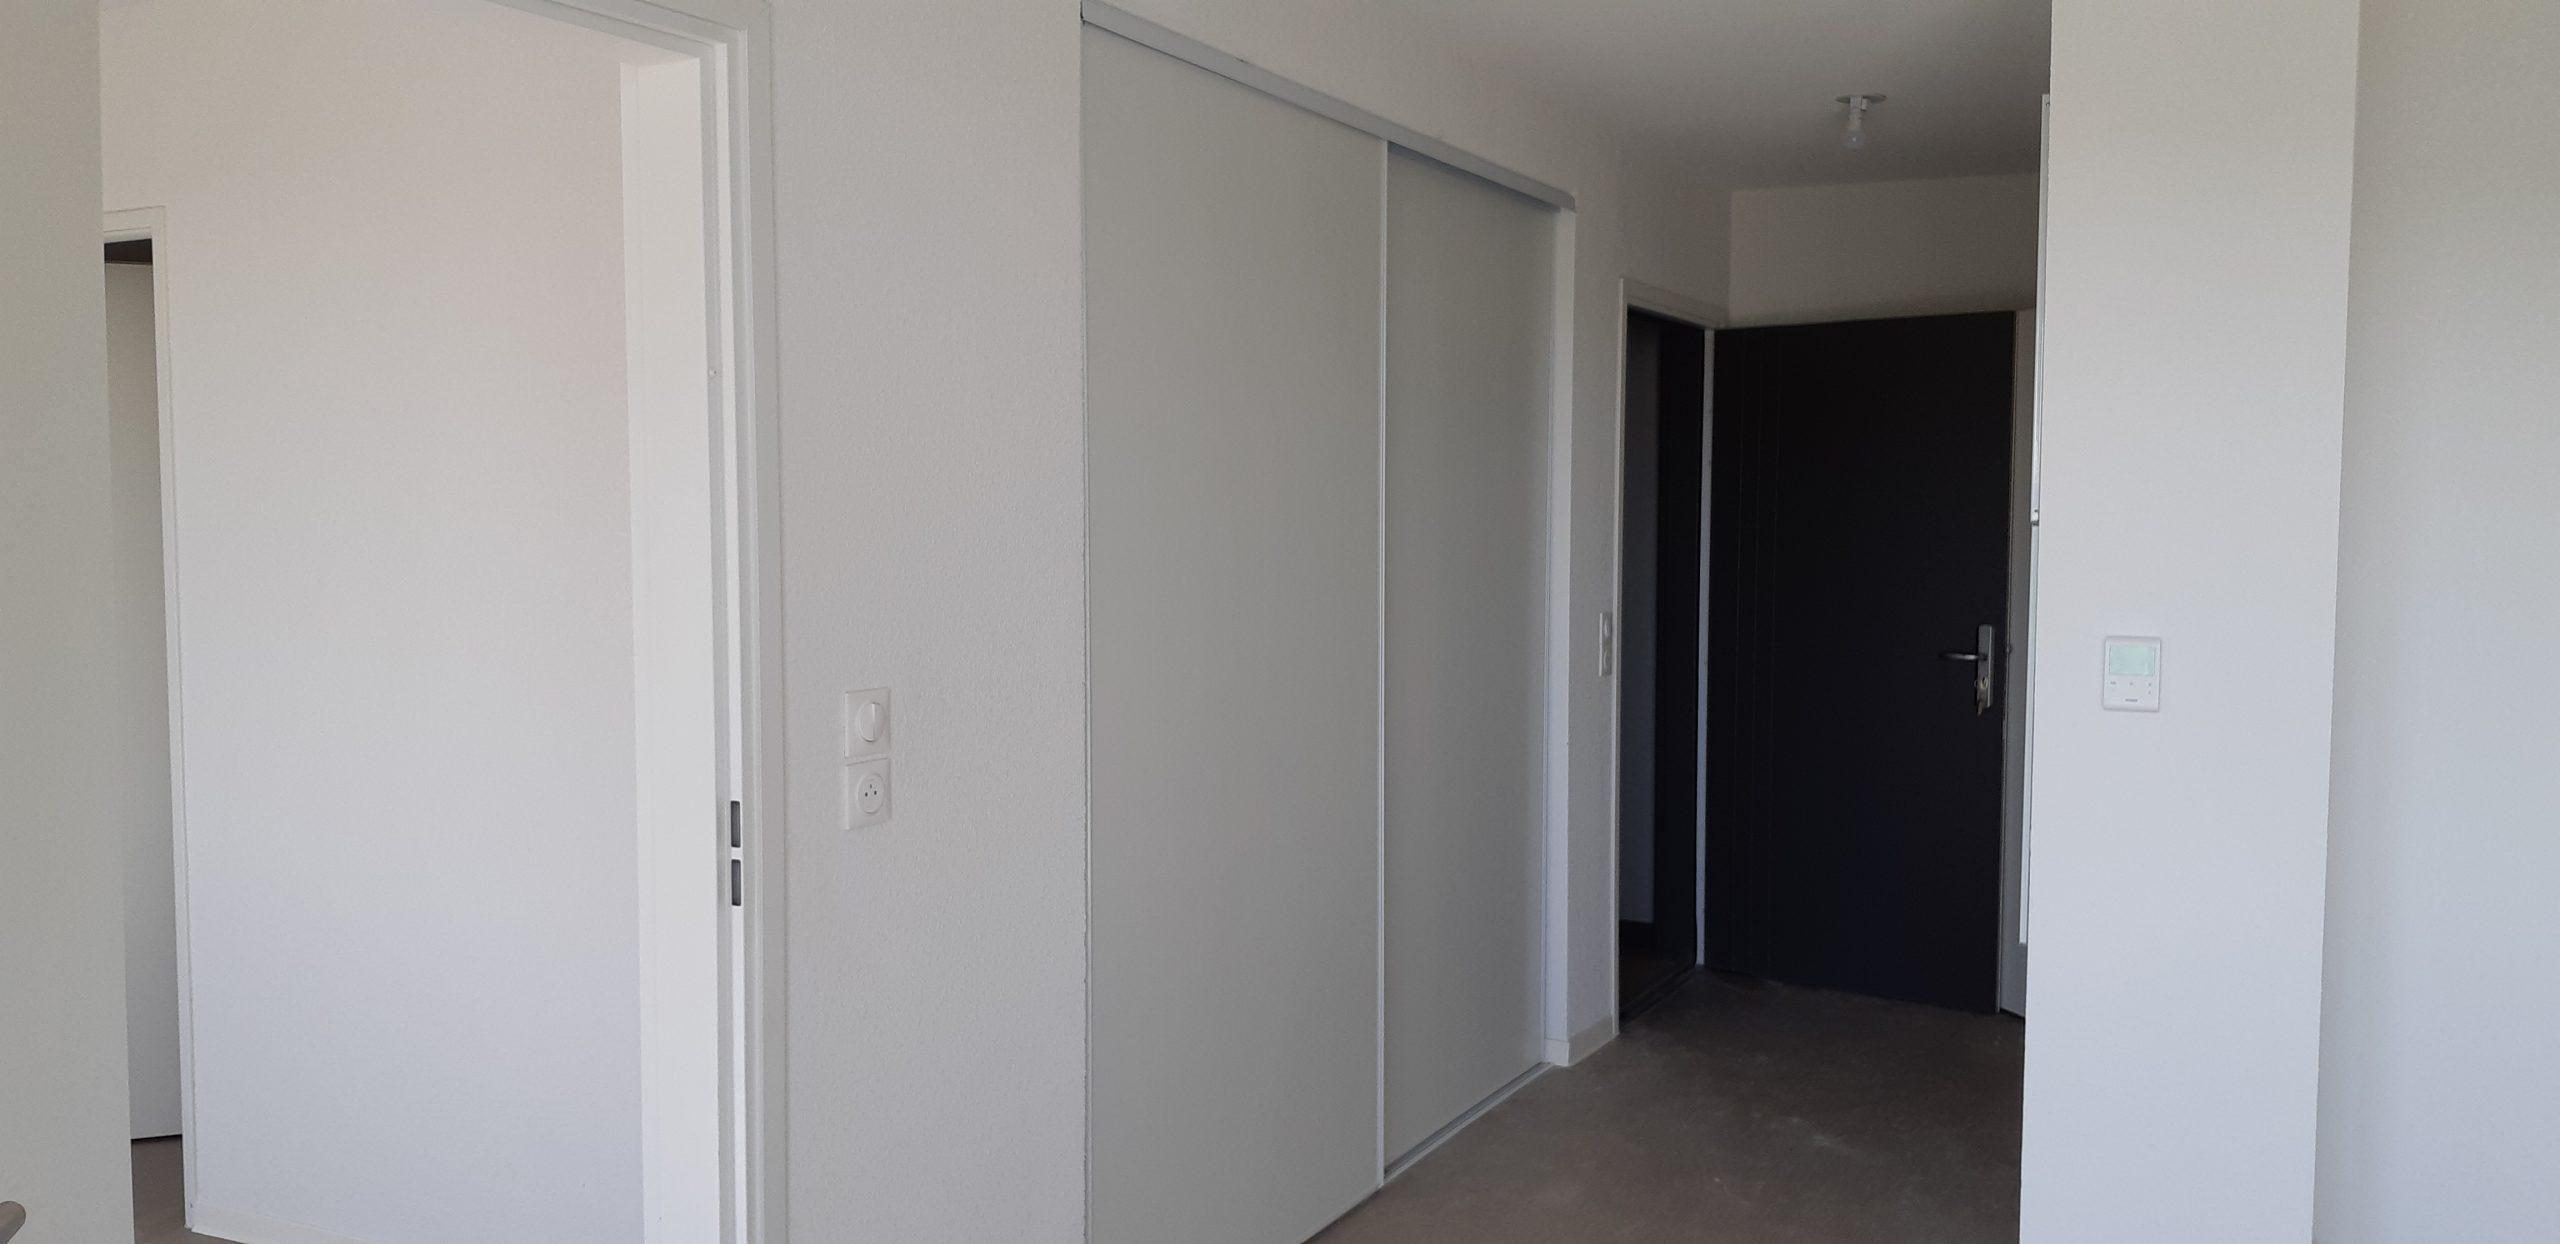 A51 couloir et porte d'entrée